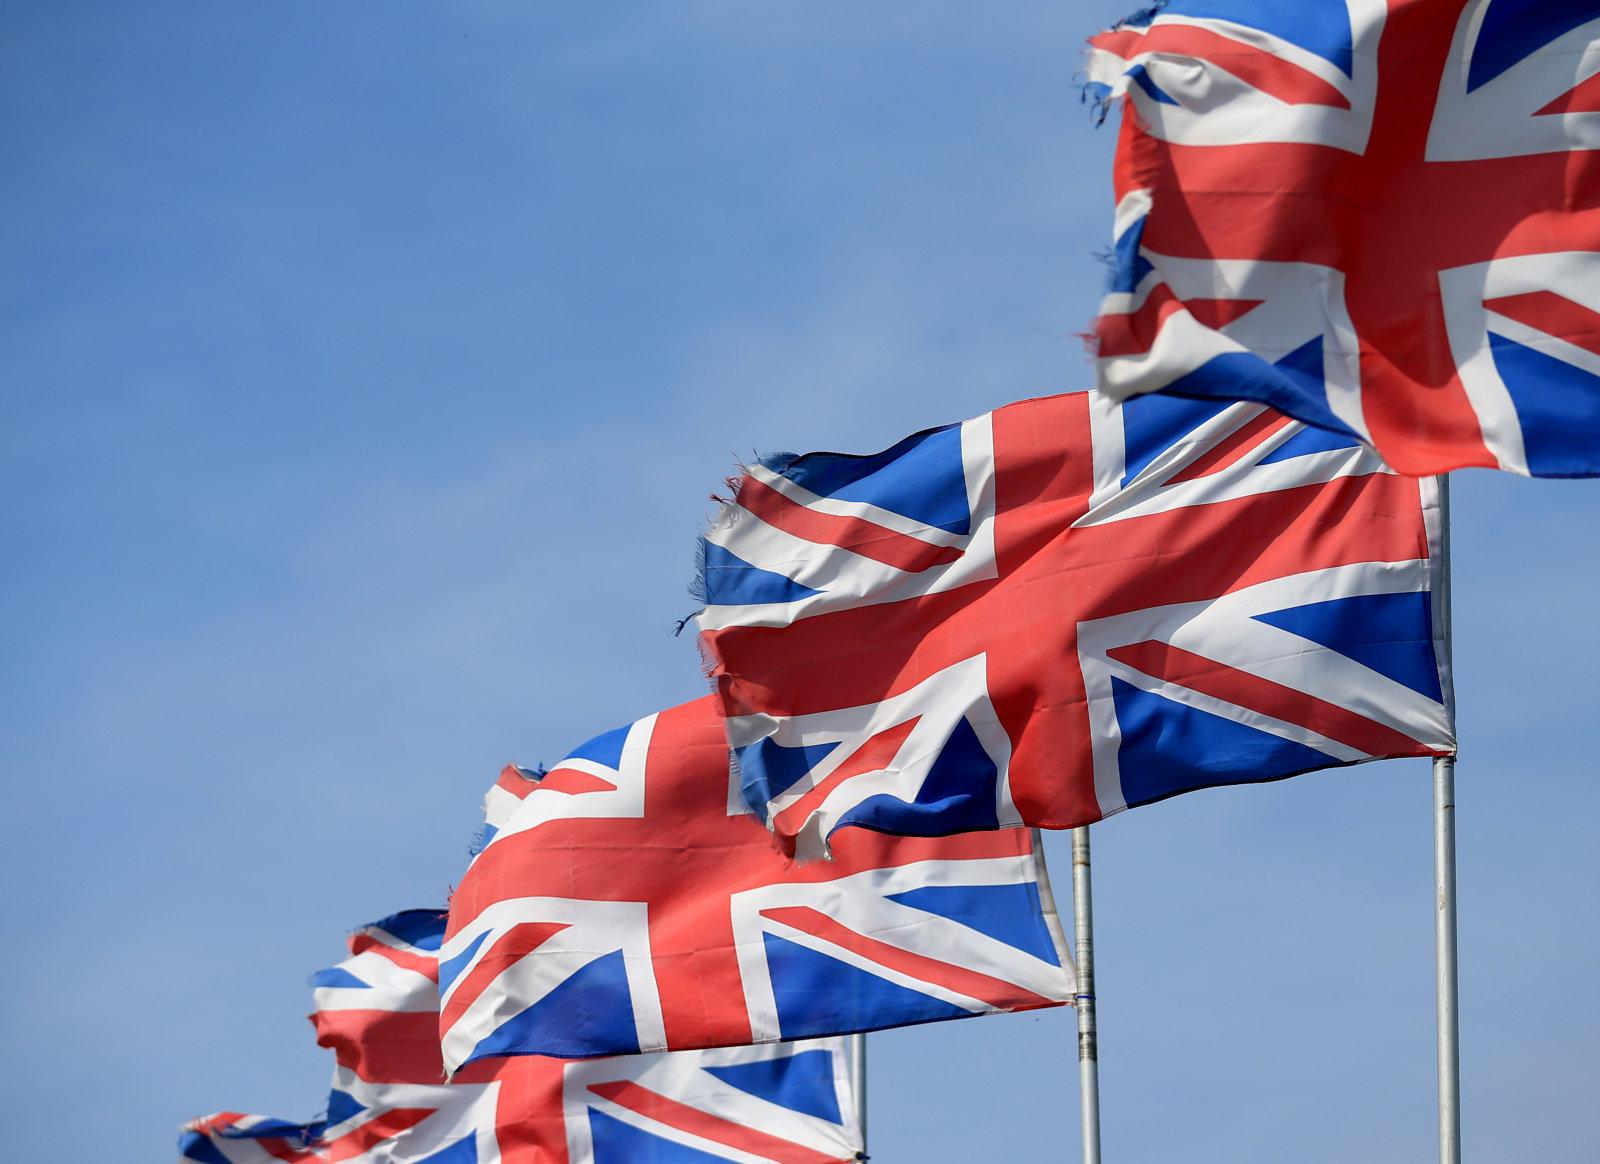 """Suurbritannia """"pehme jõud"""" Balti riikides on suunatud kohaliku venekeelse meedia arendamisele:"""